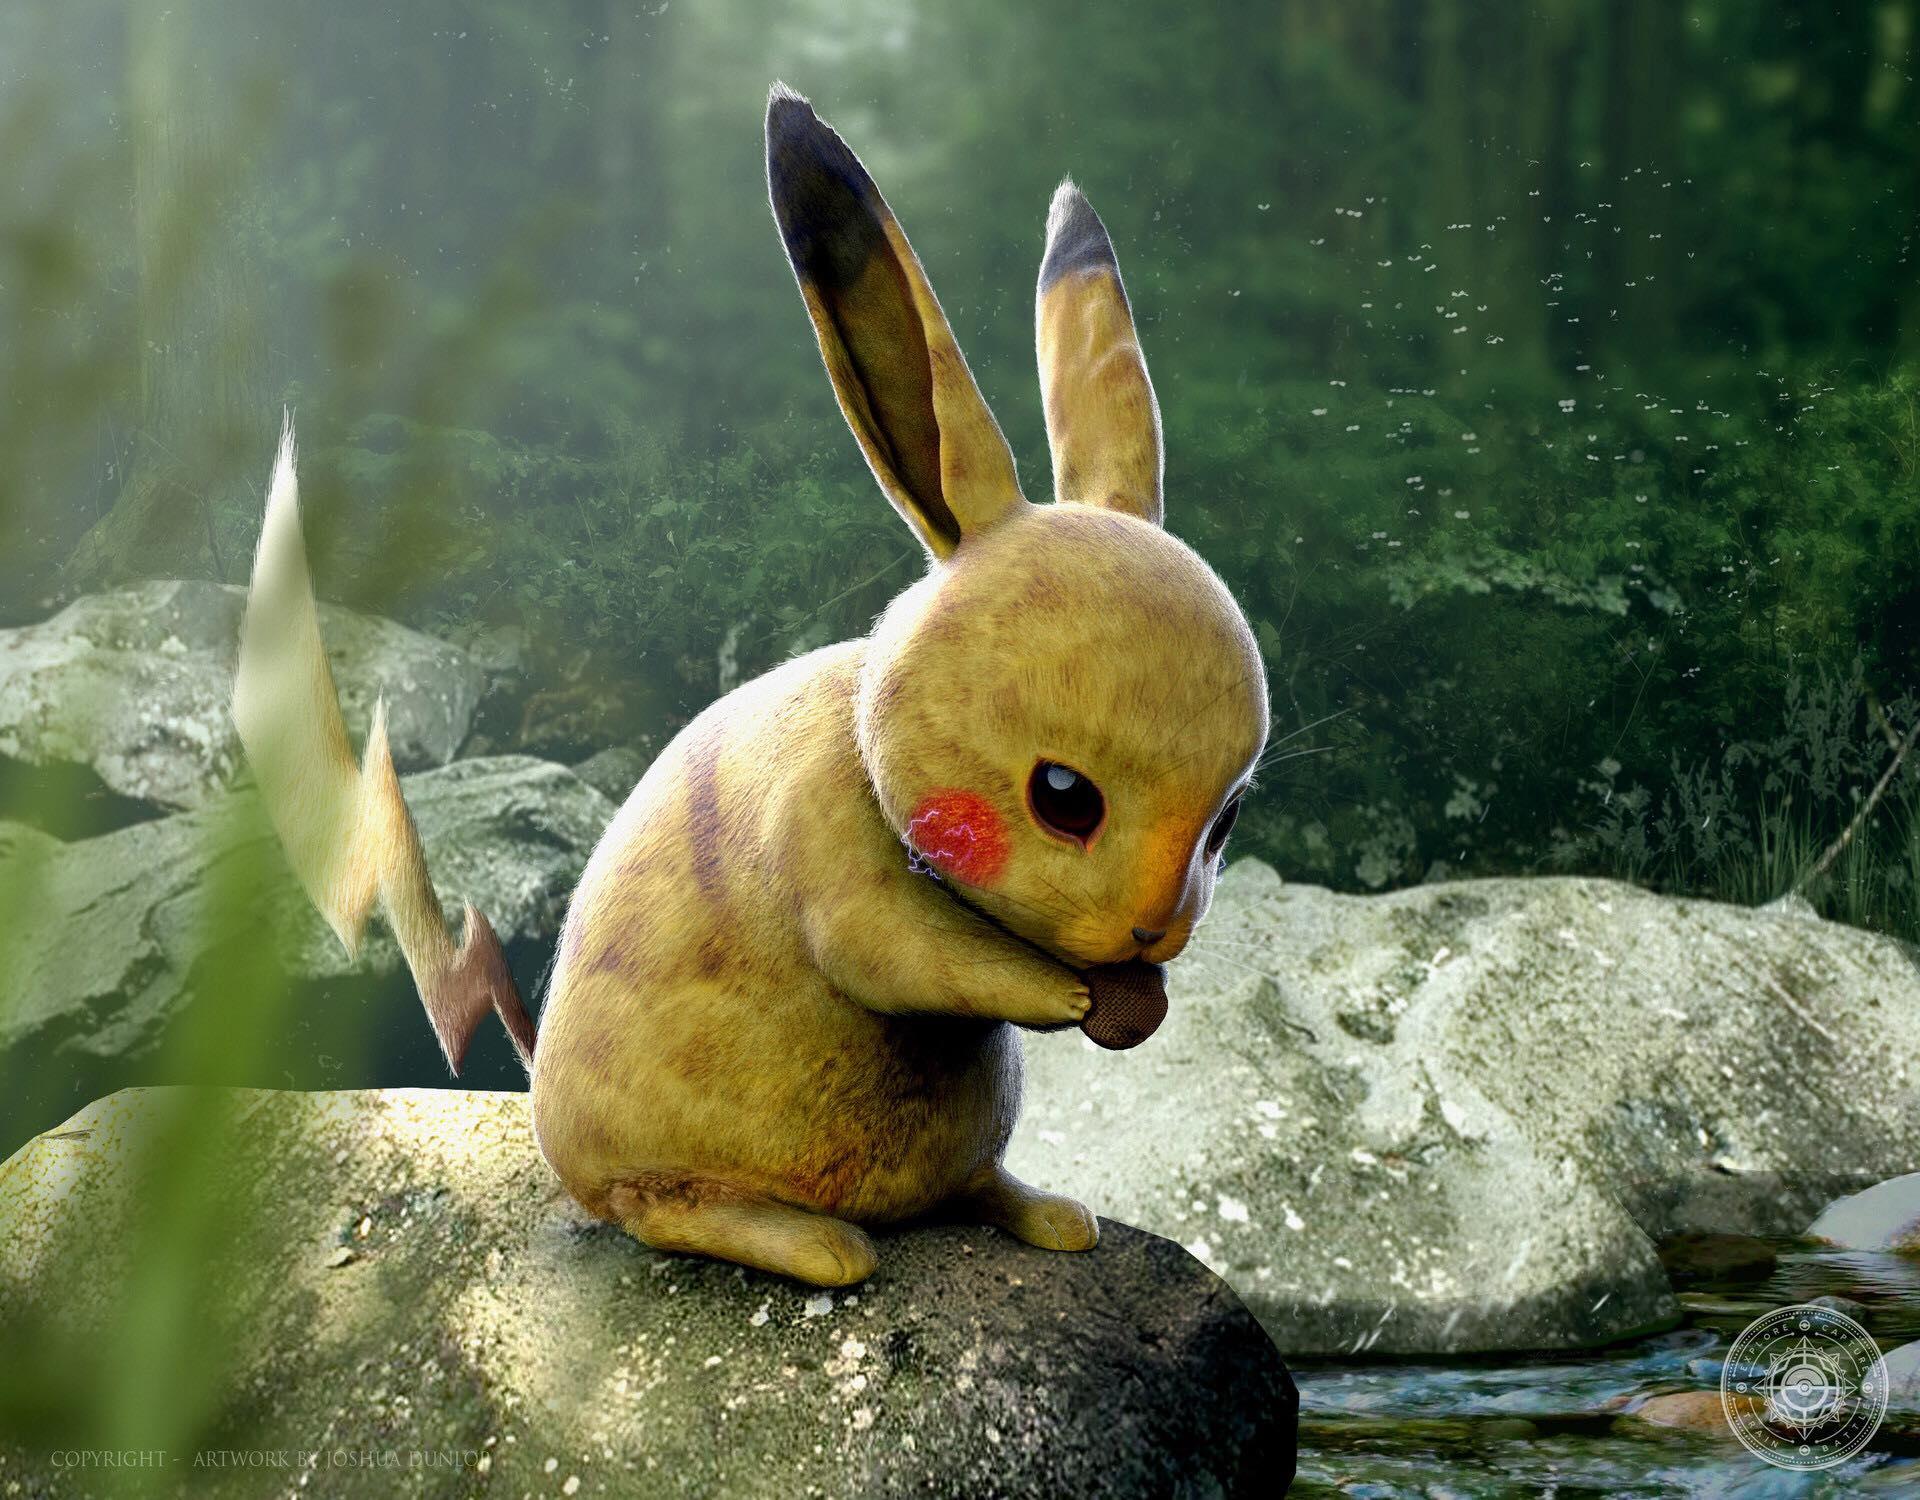 Pokemon Zoology: Pikachu